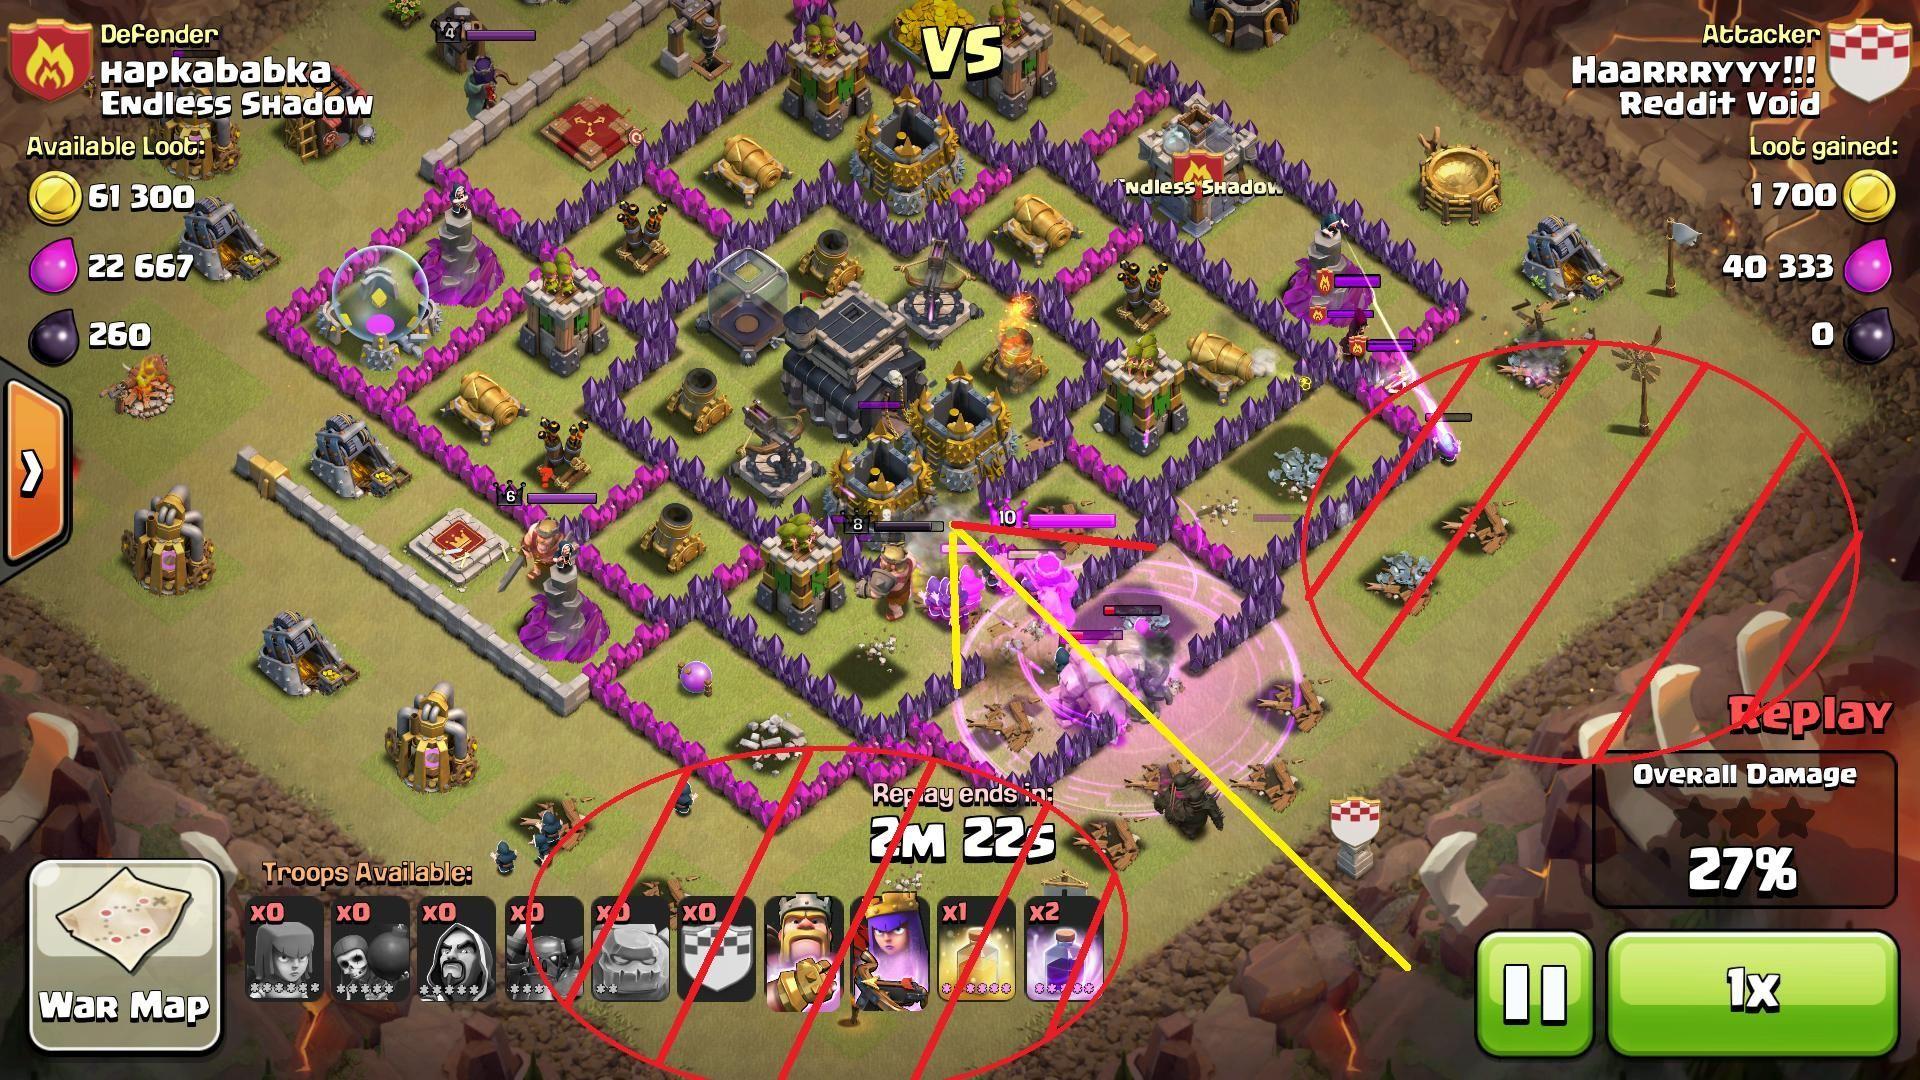 ¿Cómo se denomina la estrategia de ataque consistente el utilizar golems, magos, y pekkas?